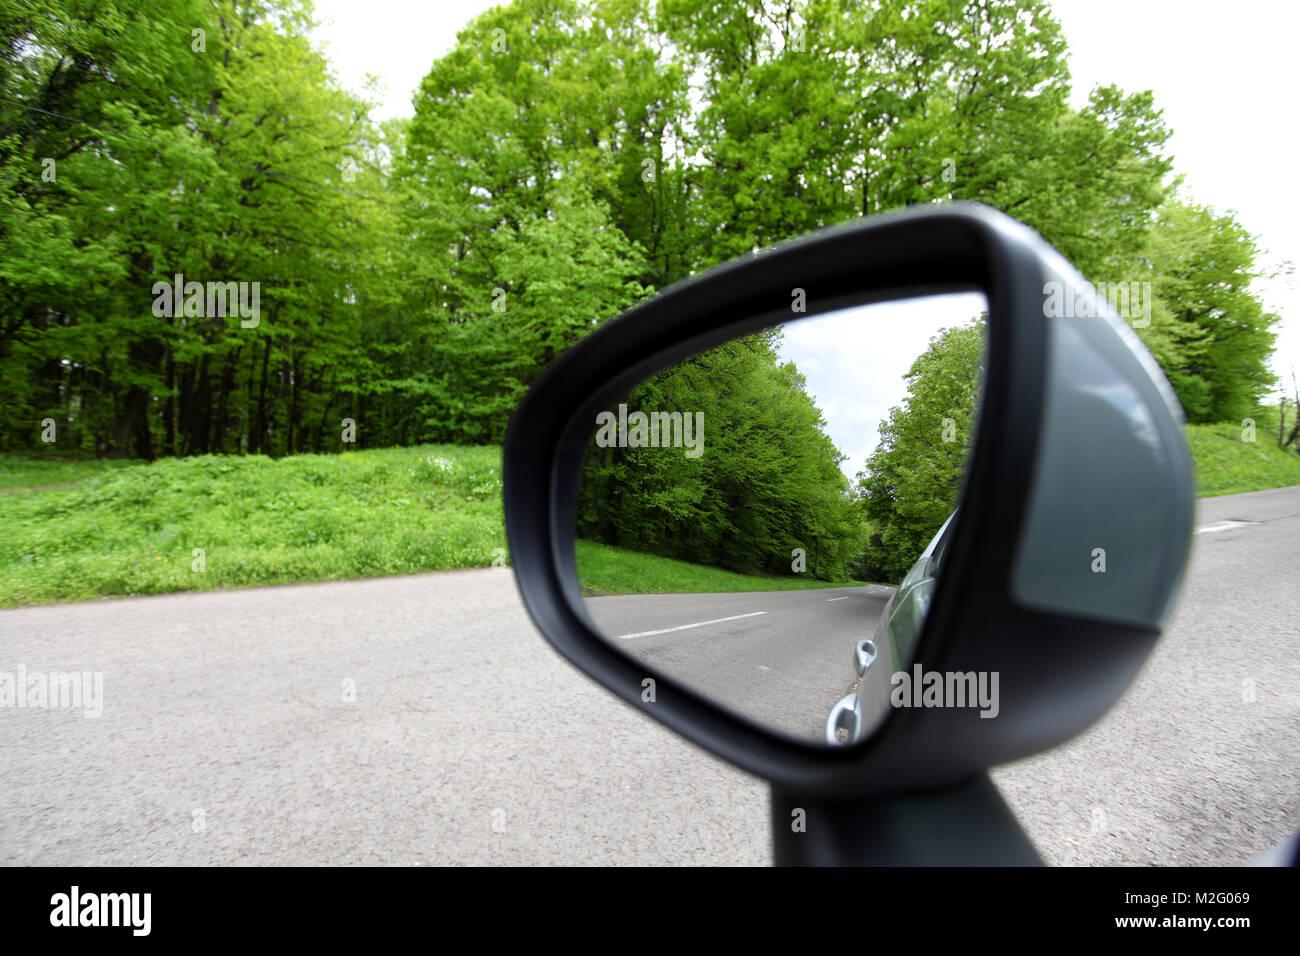 Strada forestale riflesso retrovisore guida auto mirror view foresta verde road Immagini Stock